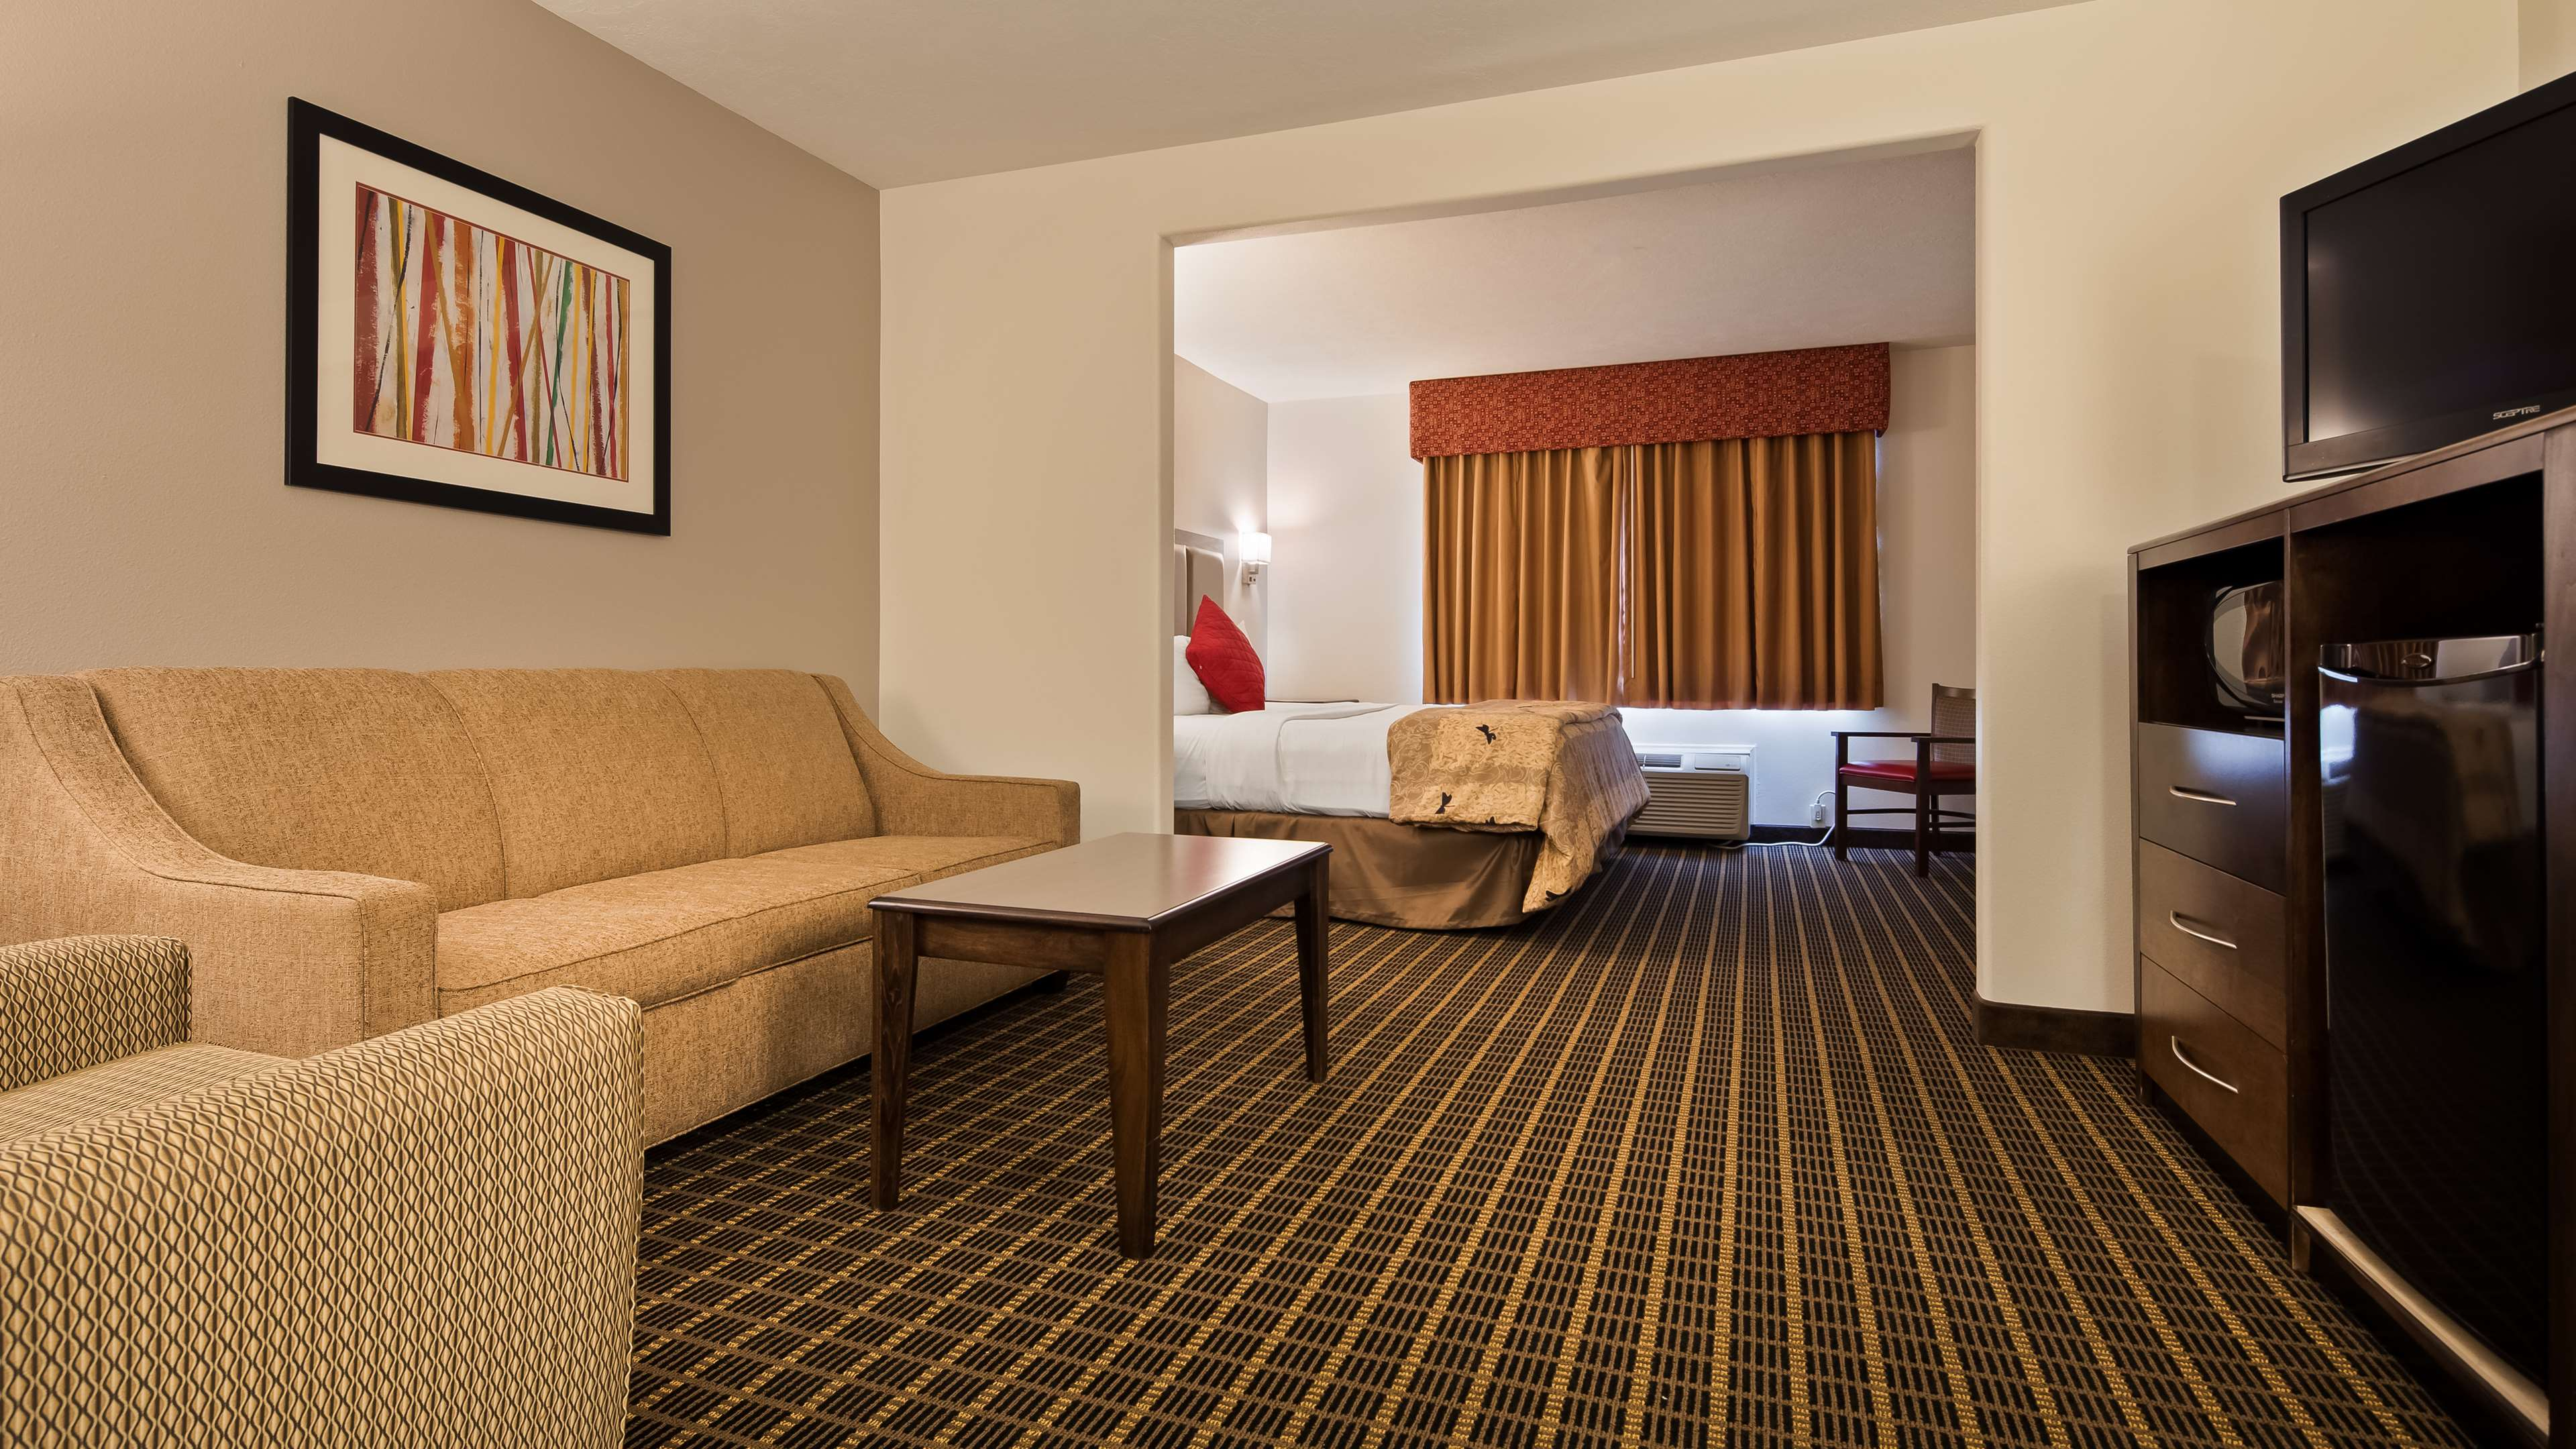 Best Western Plus Eagleridge Inn & Suites image 11